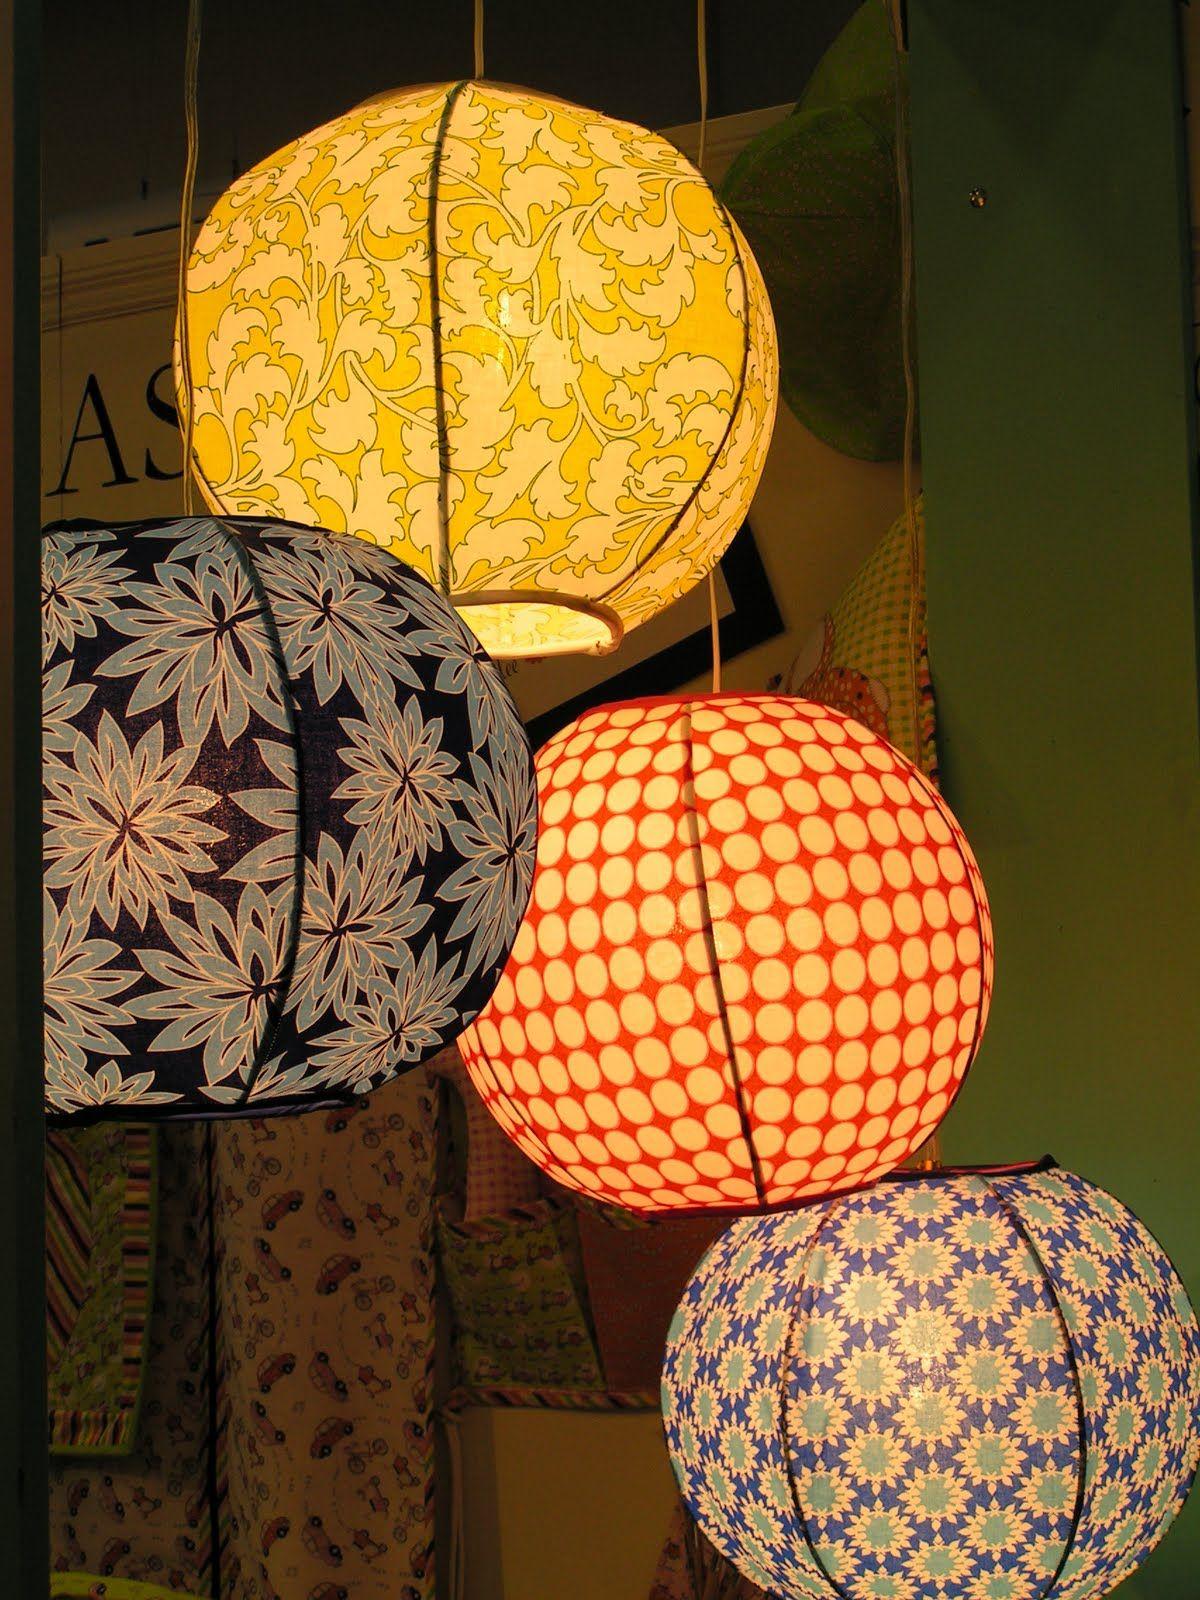 Lampadario Carta Cinese.Tea Rose Home Quilt Market Pictures 1rabad Cafe